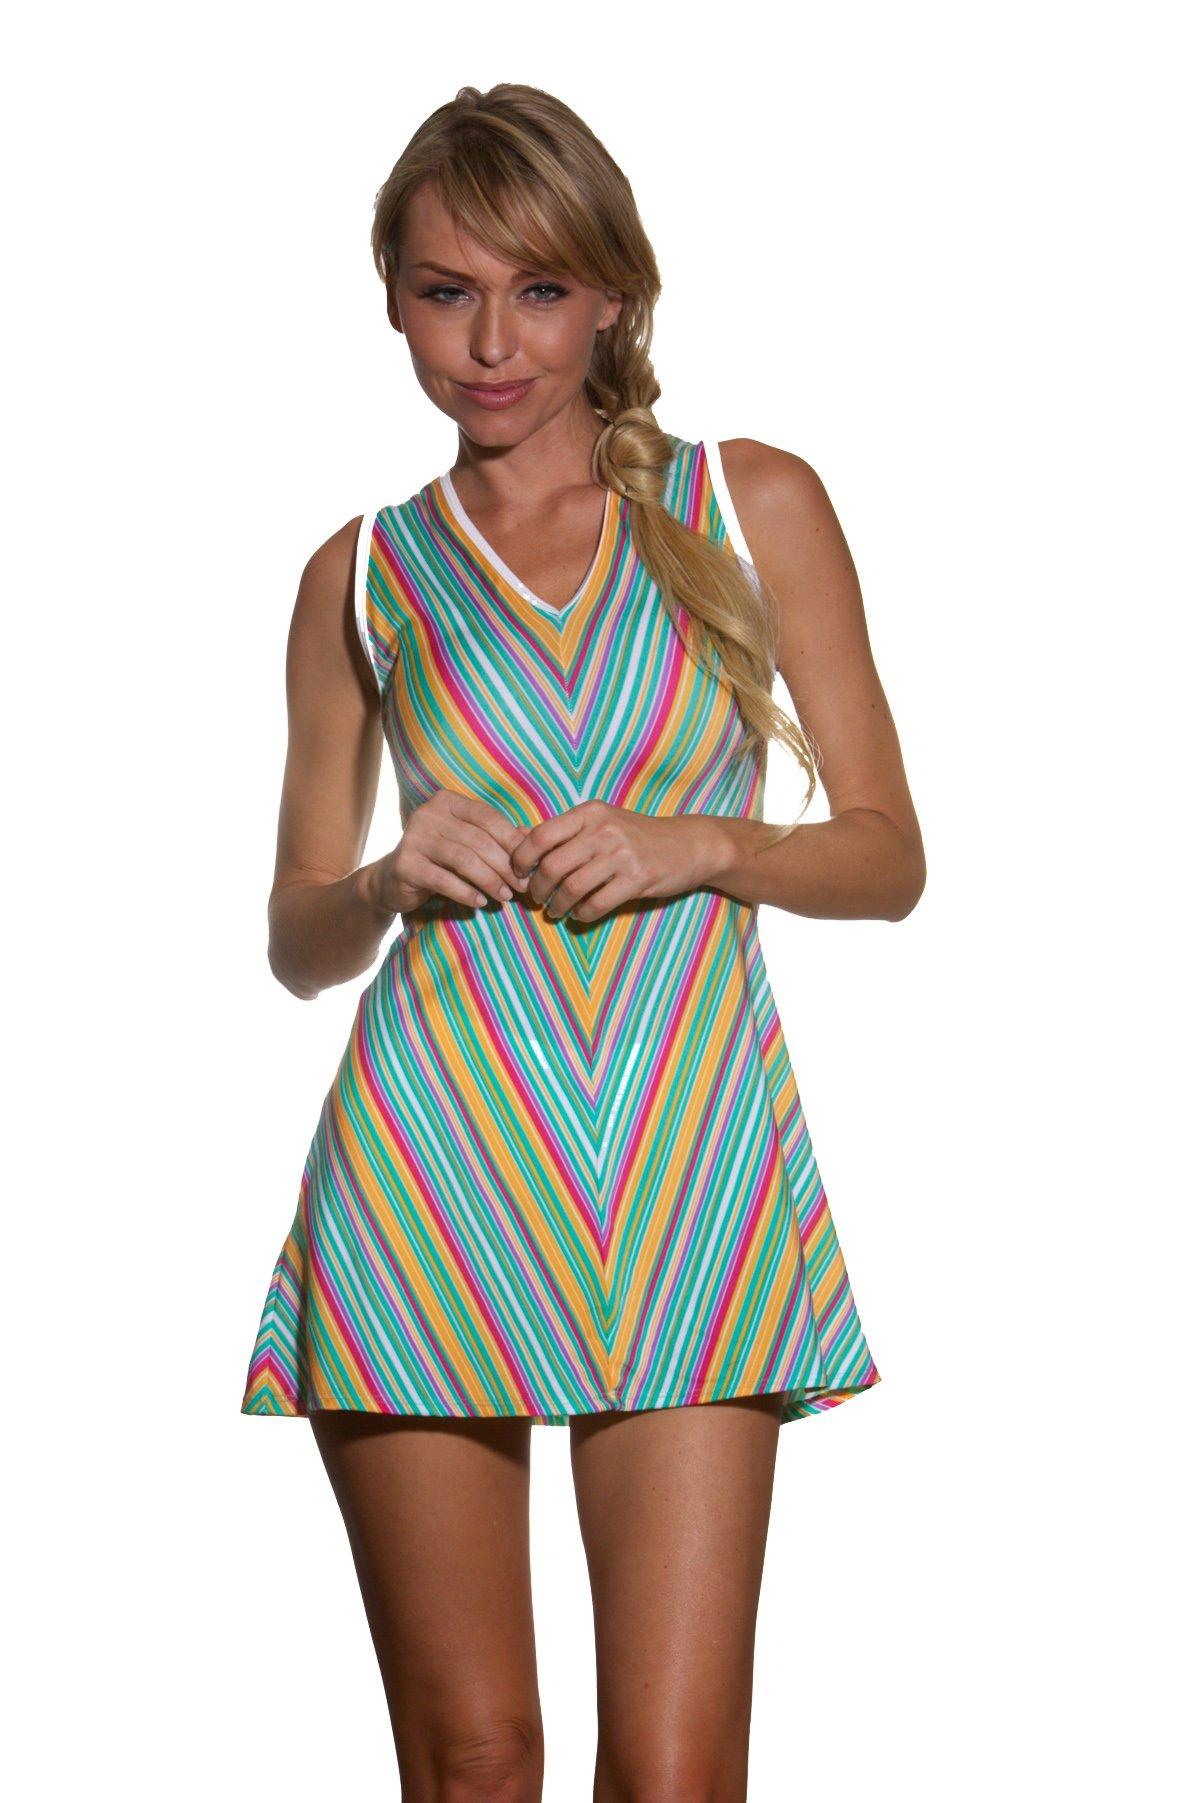 Show No Love Women's Serena Piped V-Neck Tennis Dress (Multicoloredsize s)